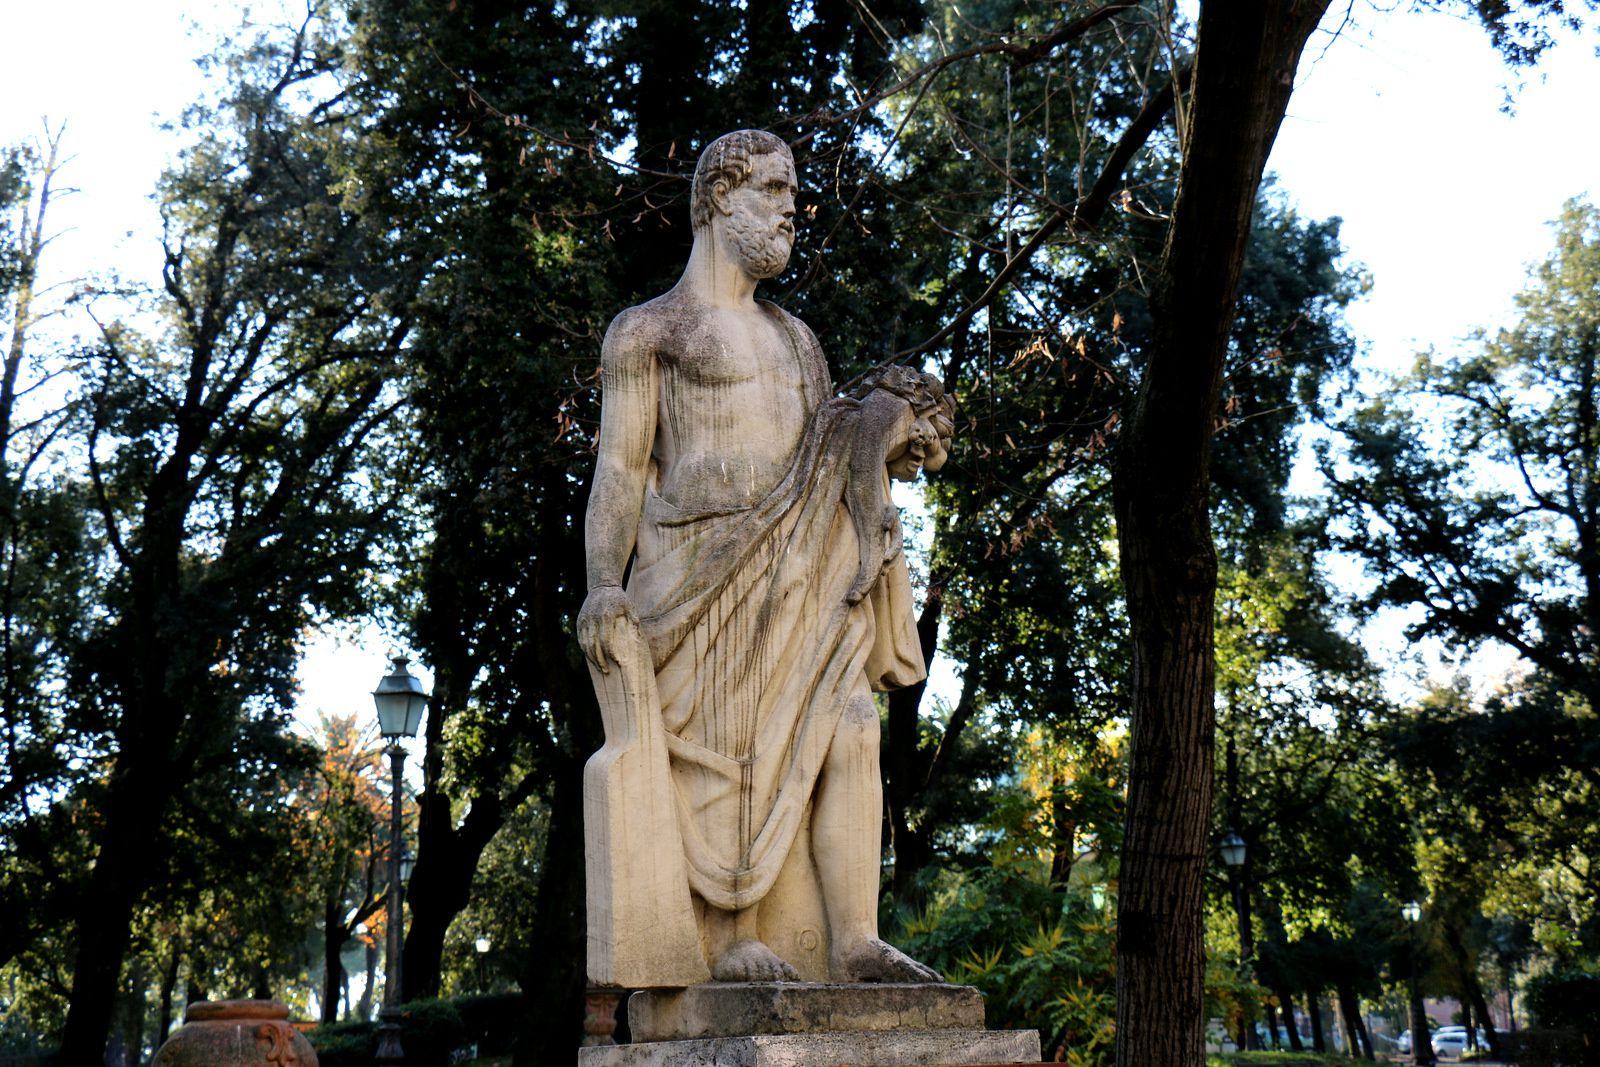 Espace vert à La Spezia, statue d'homme